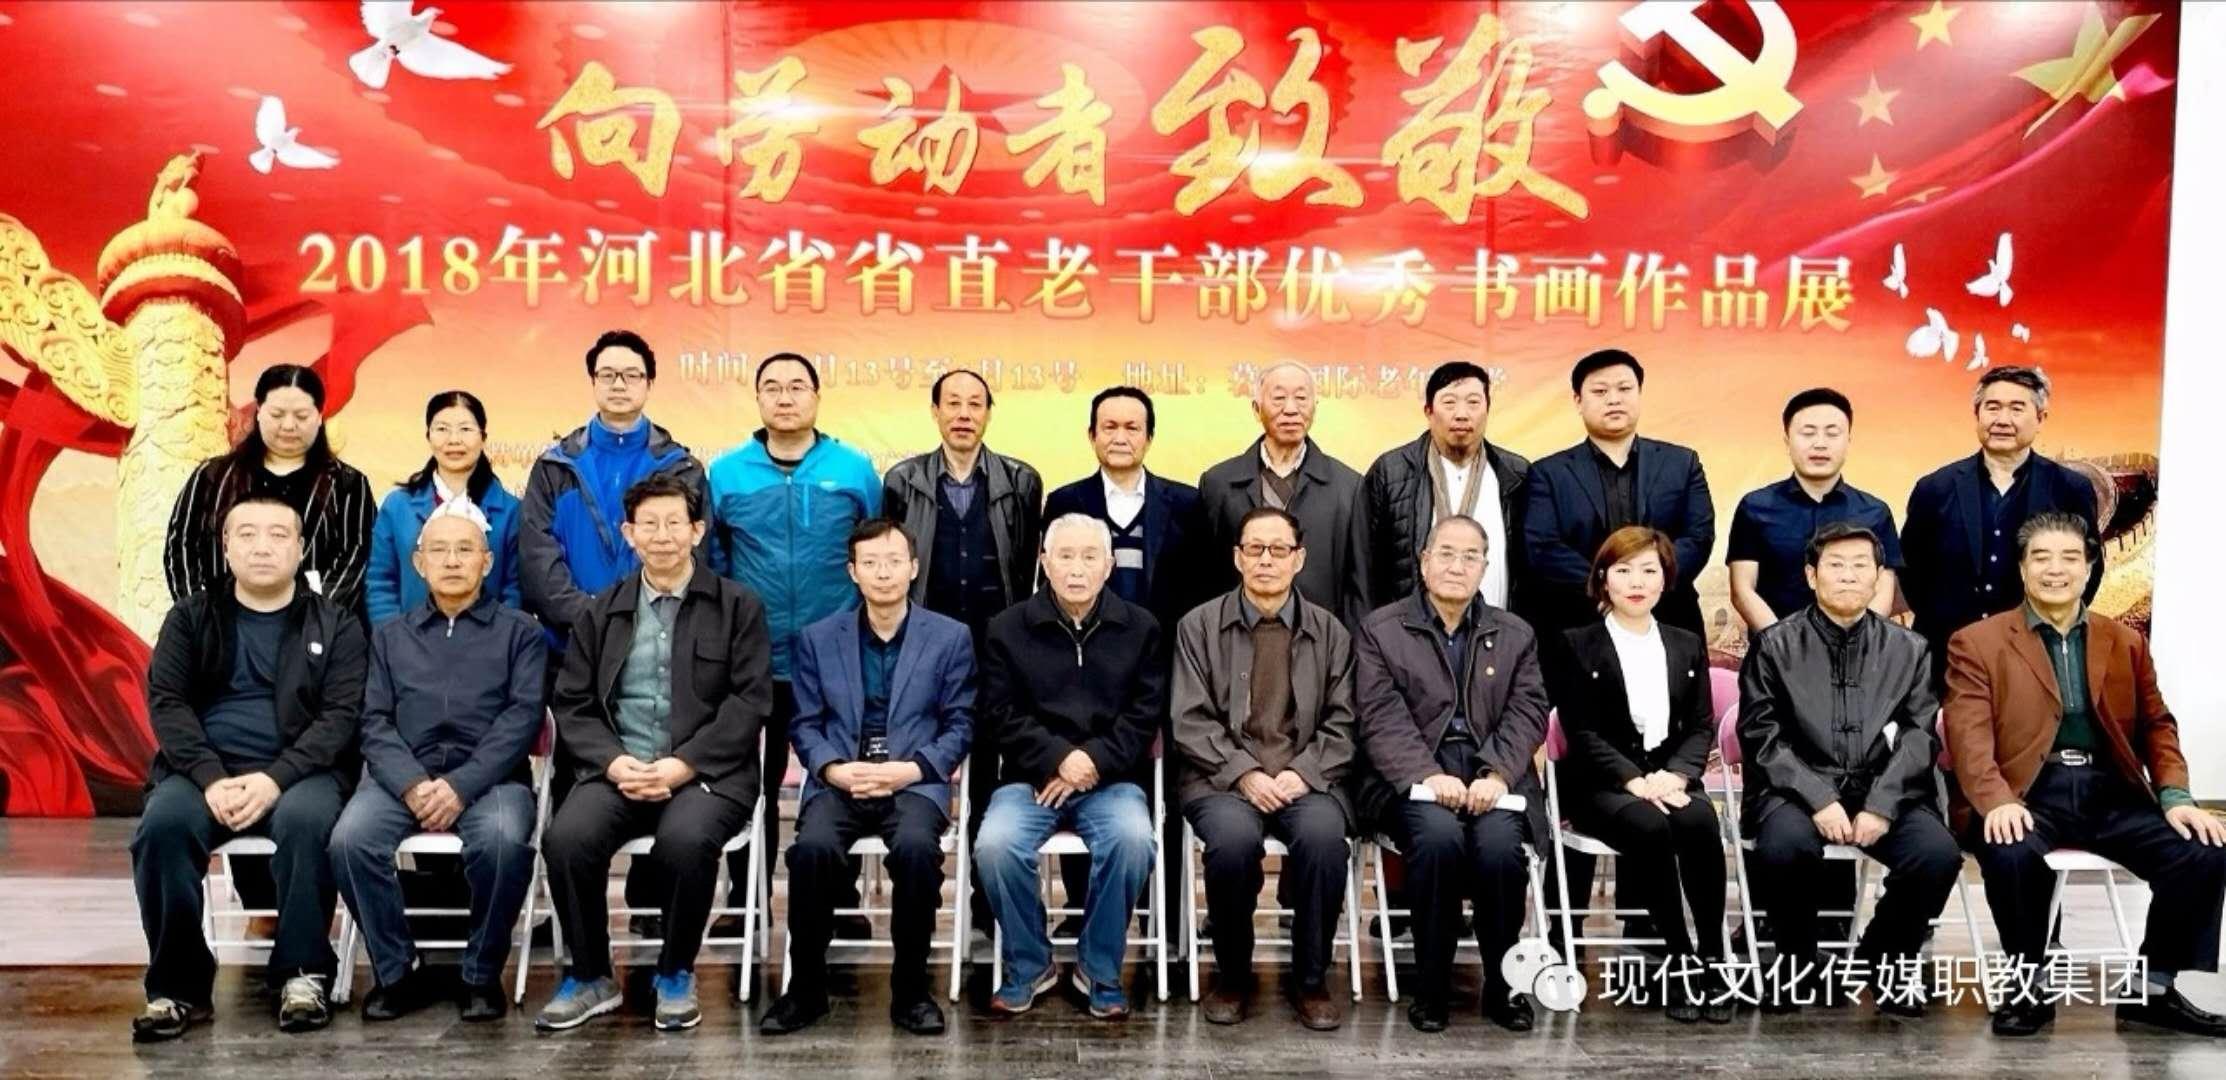 2018河北省省直老干部優秀書畫作品展—向勞動者致敬